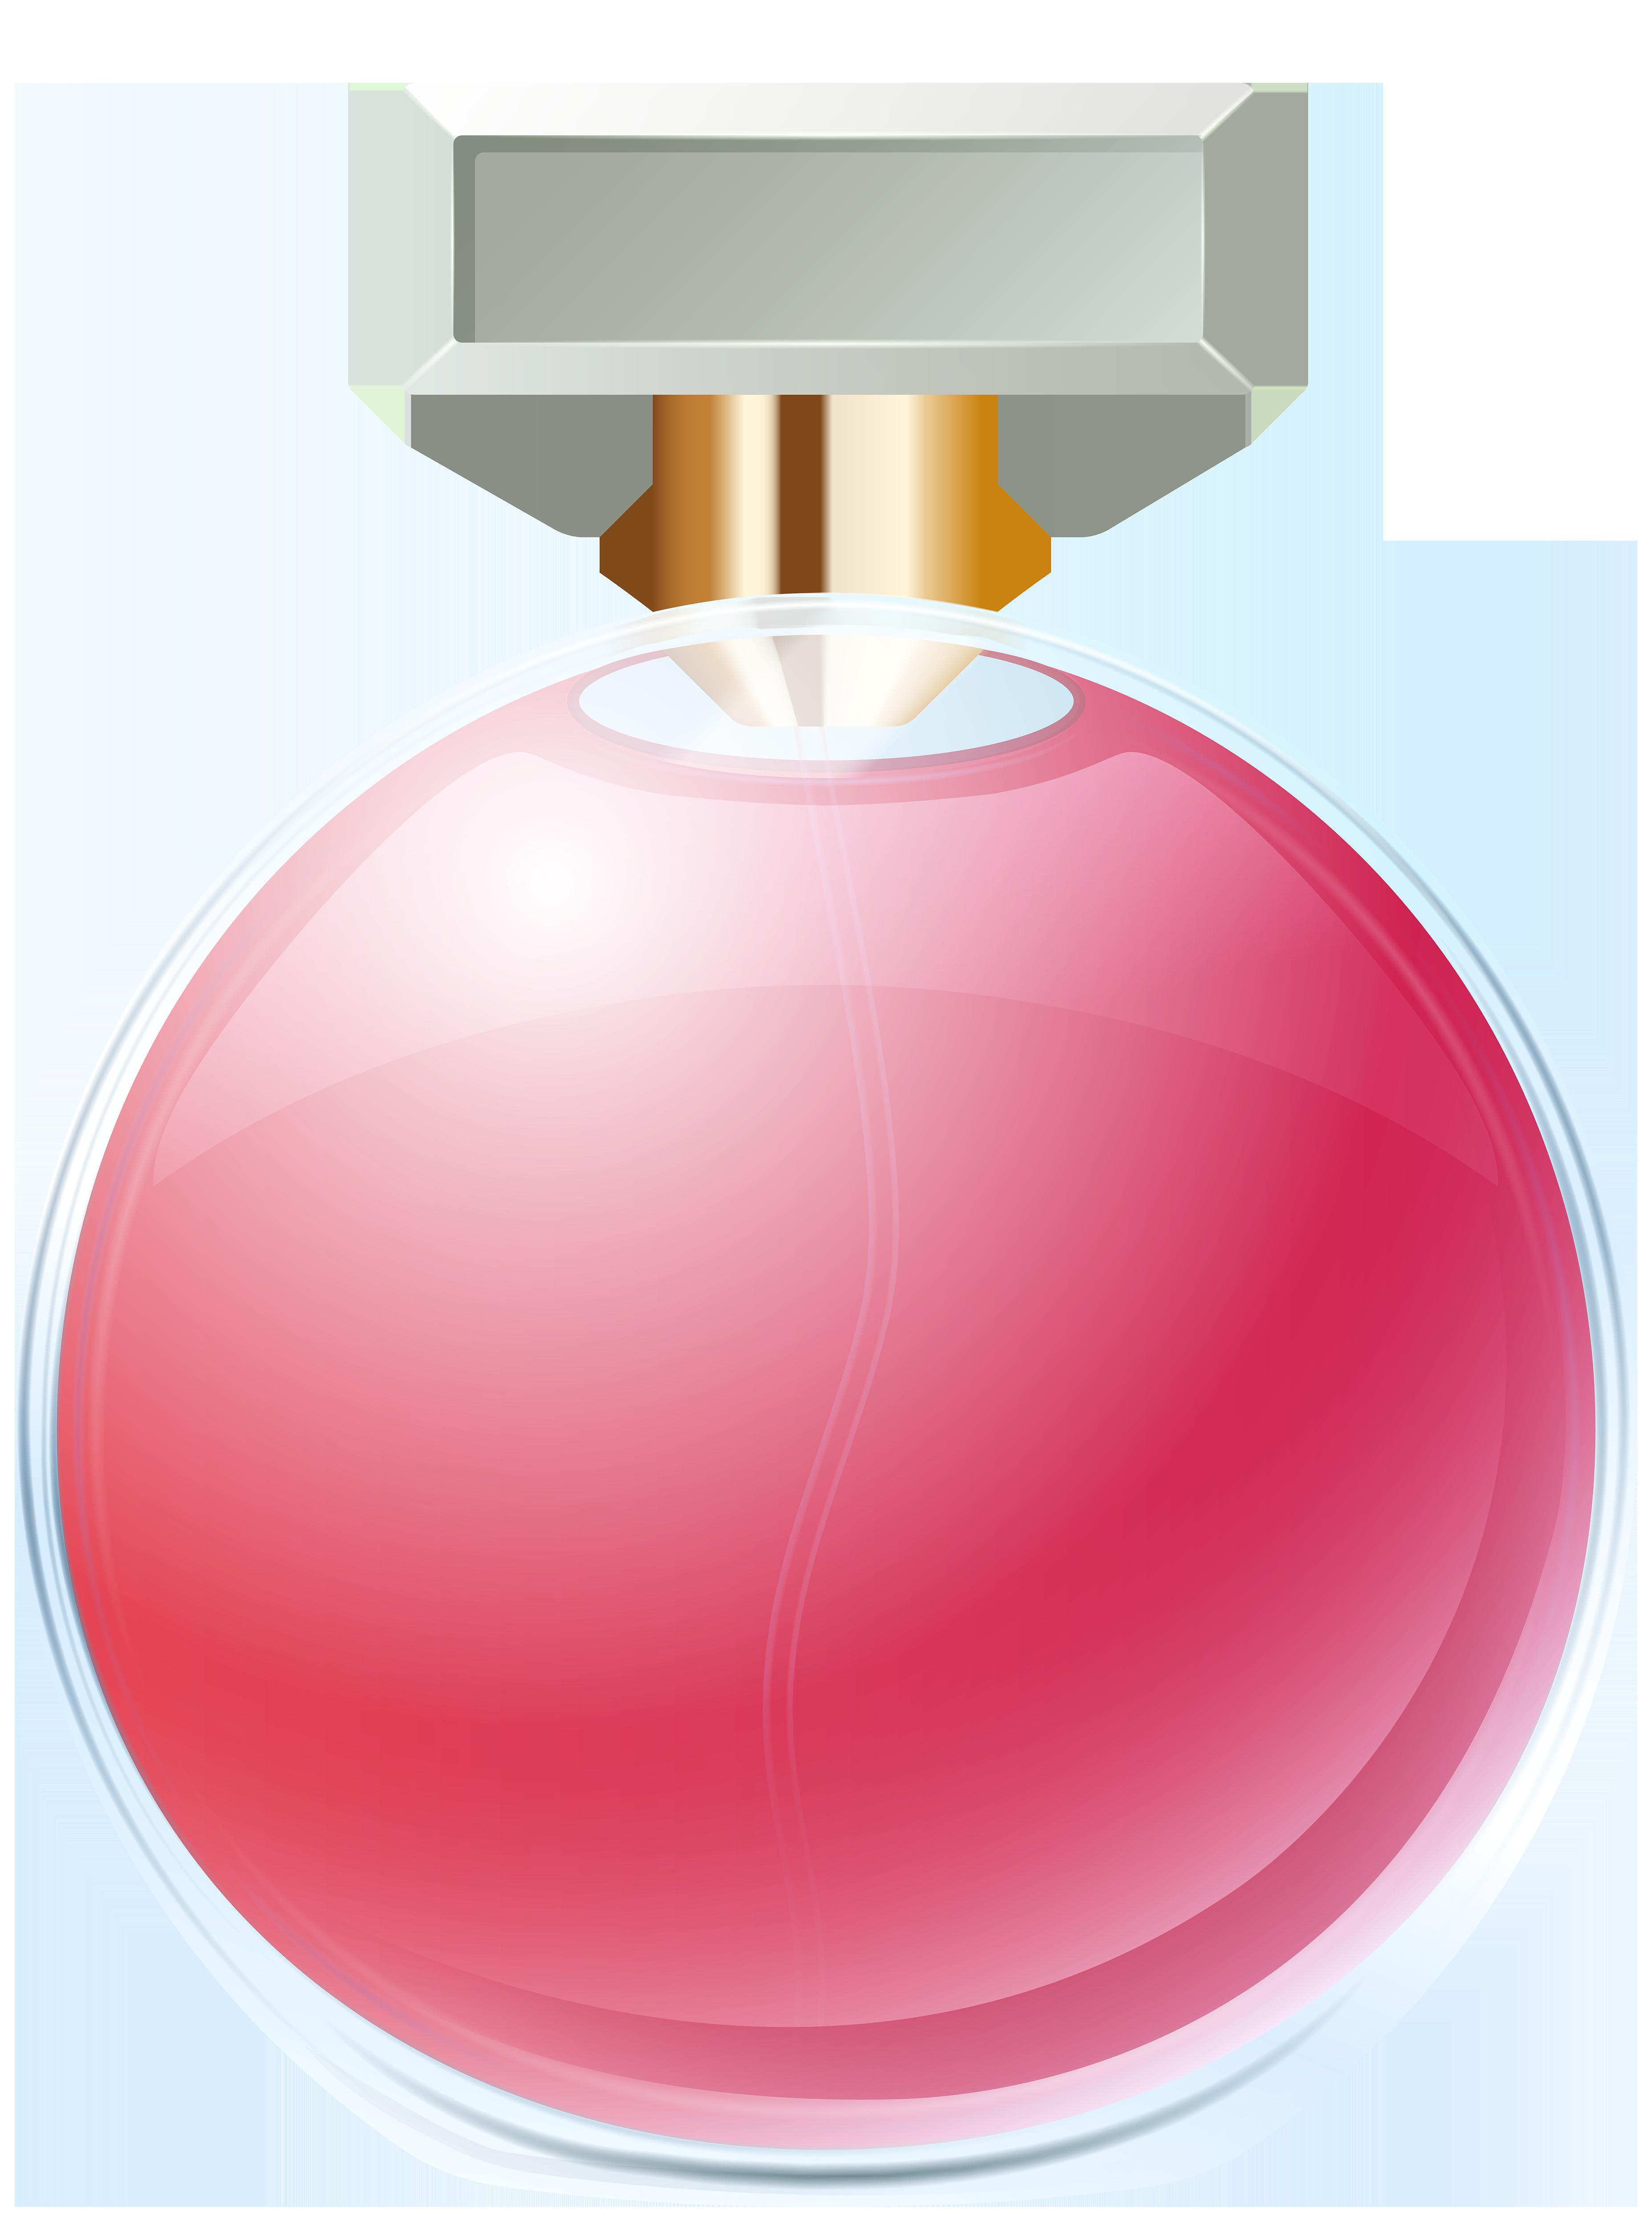 Perfume Bottle Transparent PNG Clip Art Image.